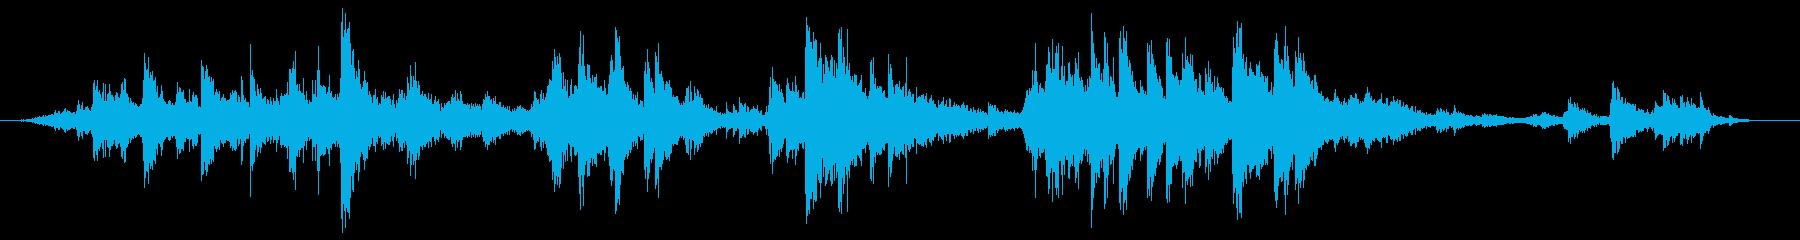 ガラガラ(賽銭箱上の鈴)の再生済みの波形